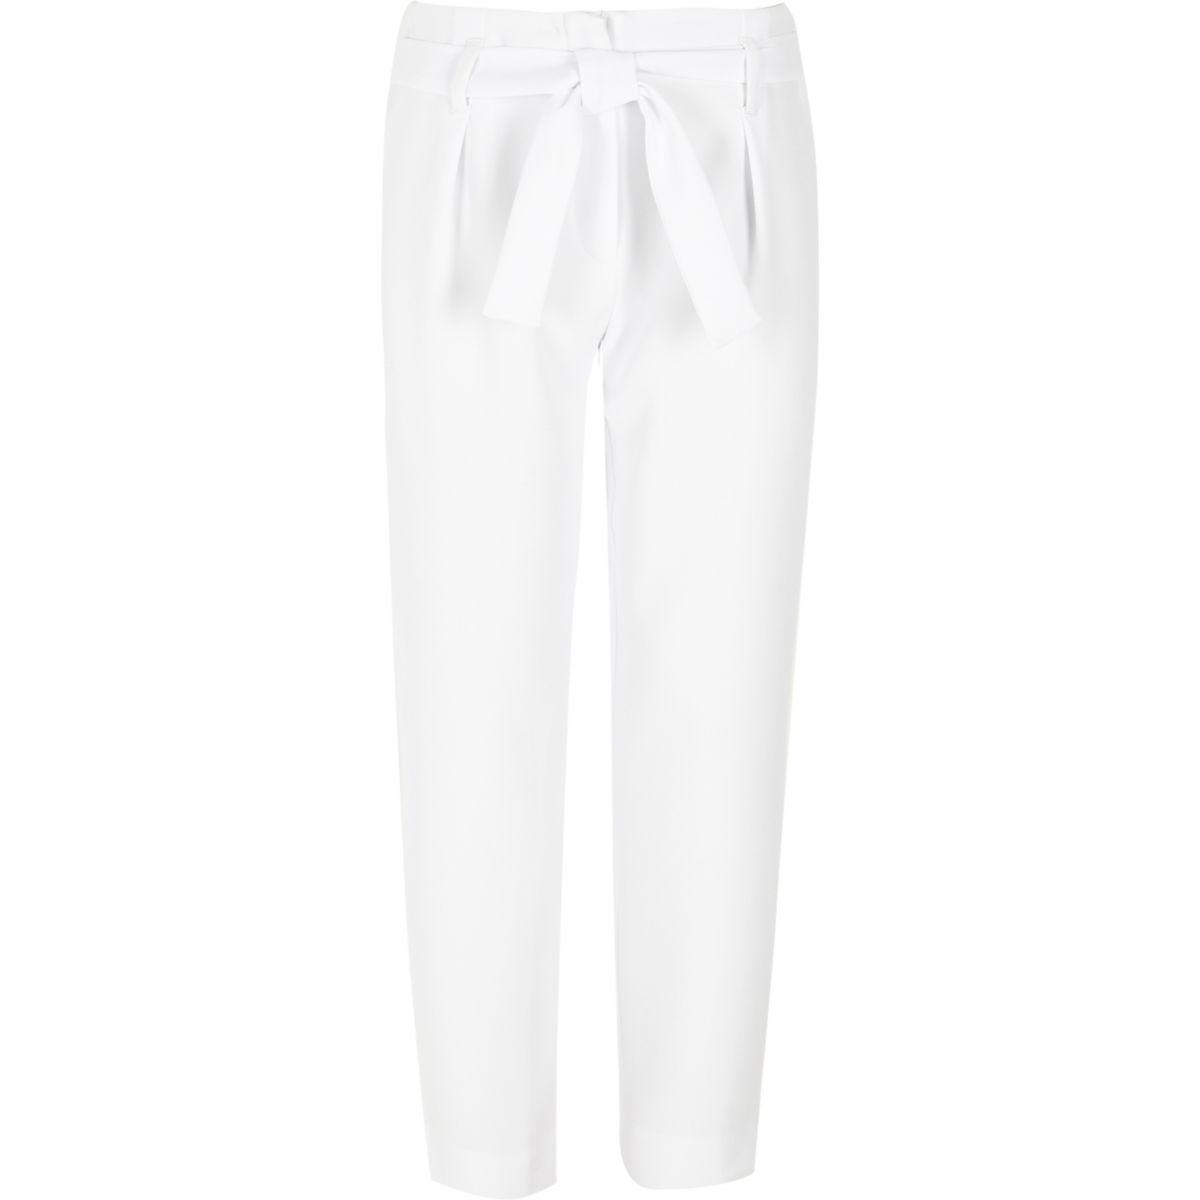 Pantalon coupe fuselée blanc avec ceinture pour fille